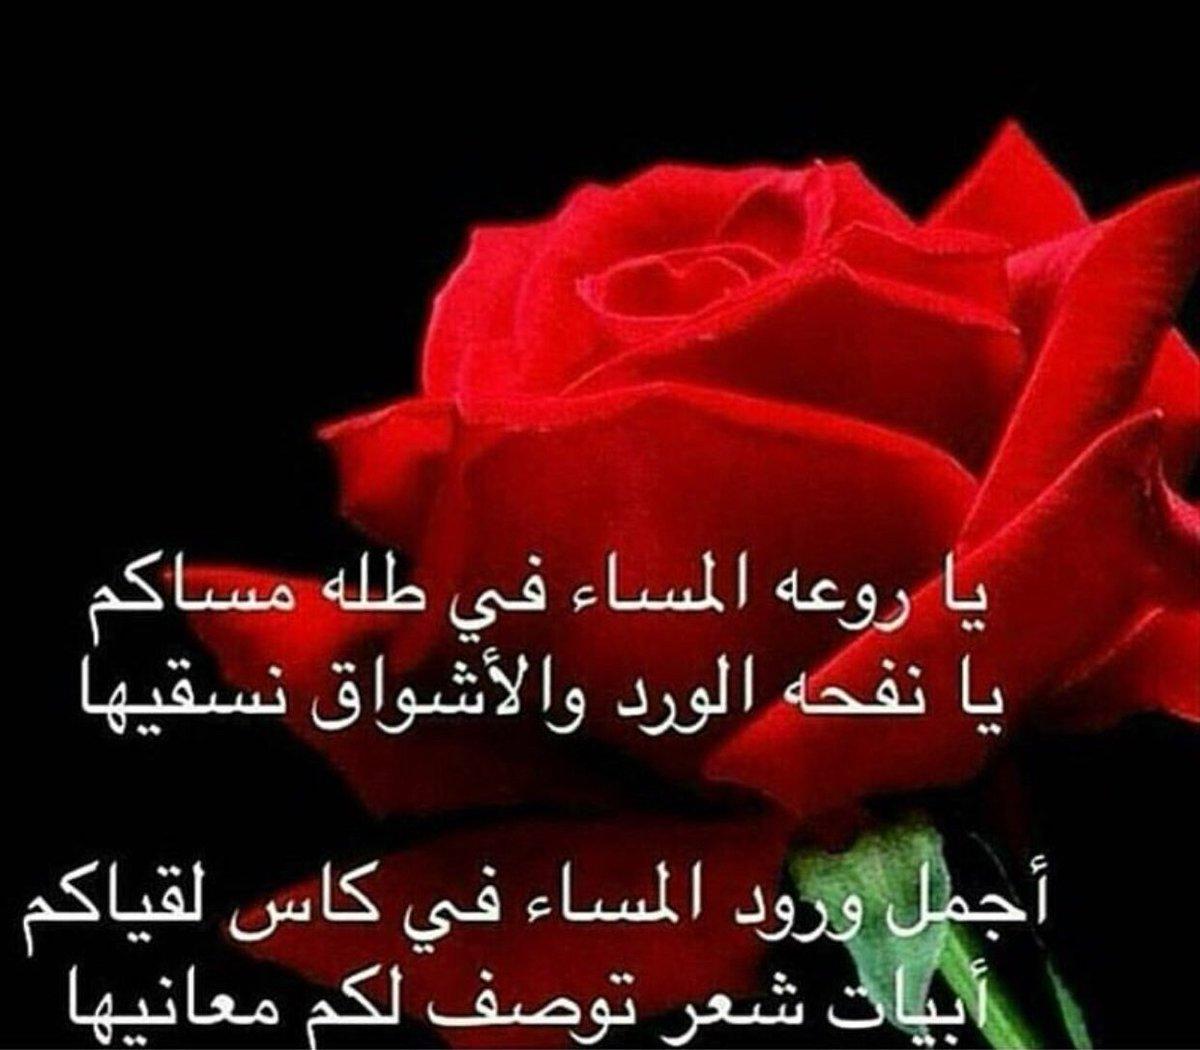 بالصور كلمات عن الورد , اجمل ماقيل في الورود 6447 6